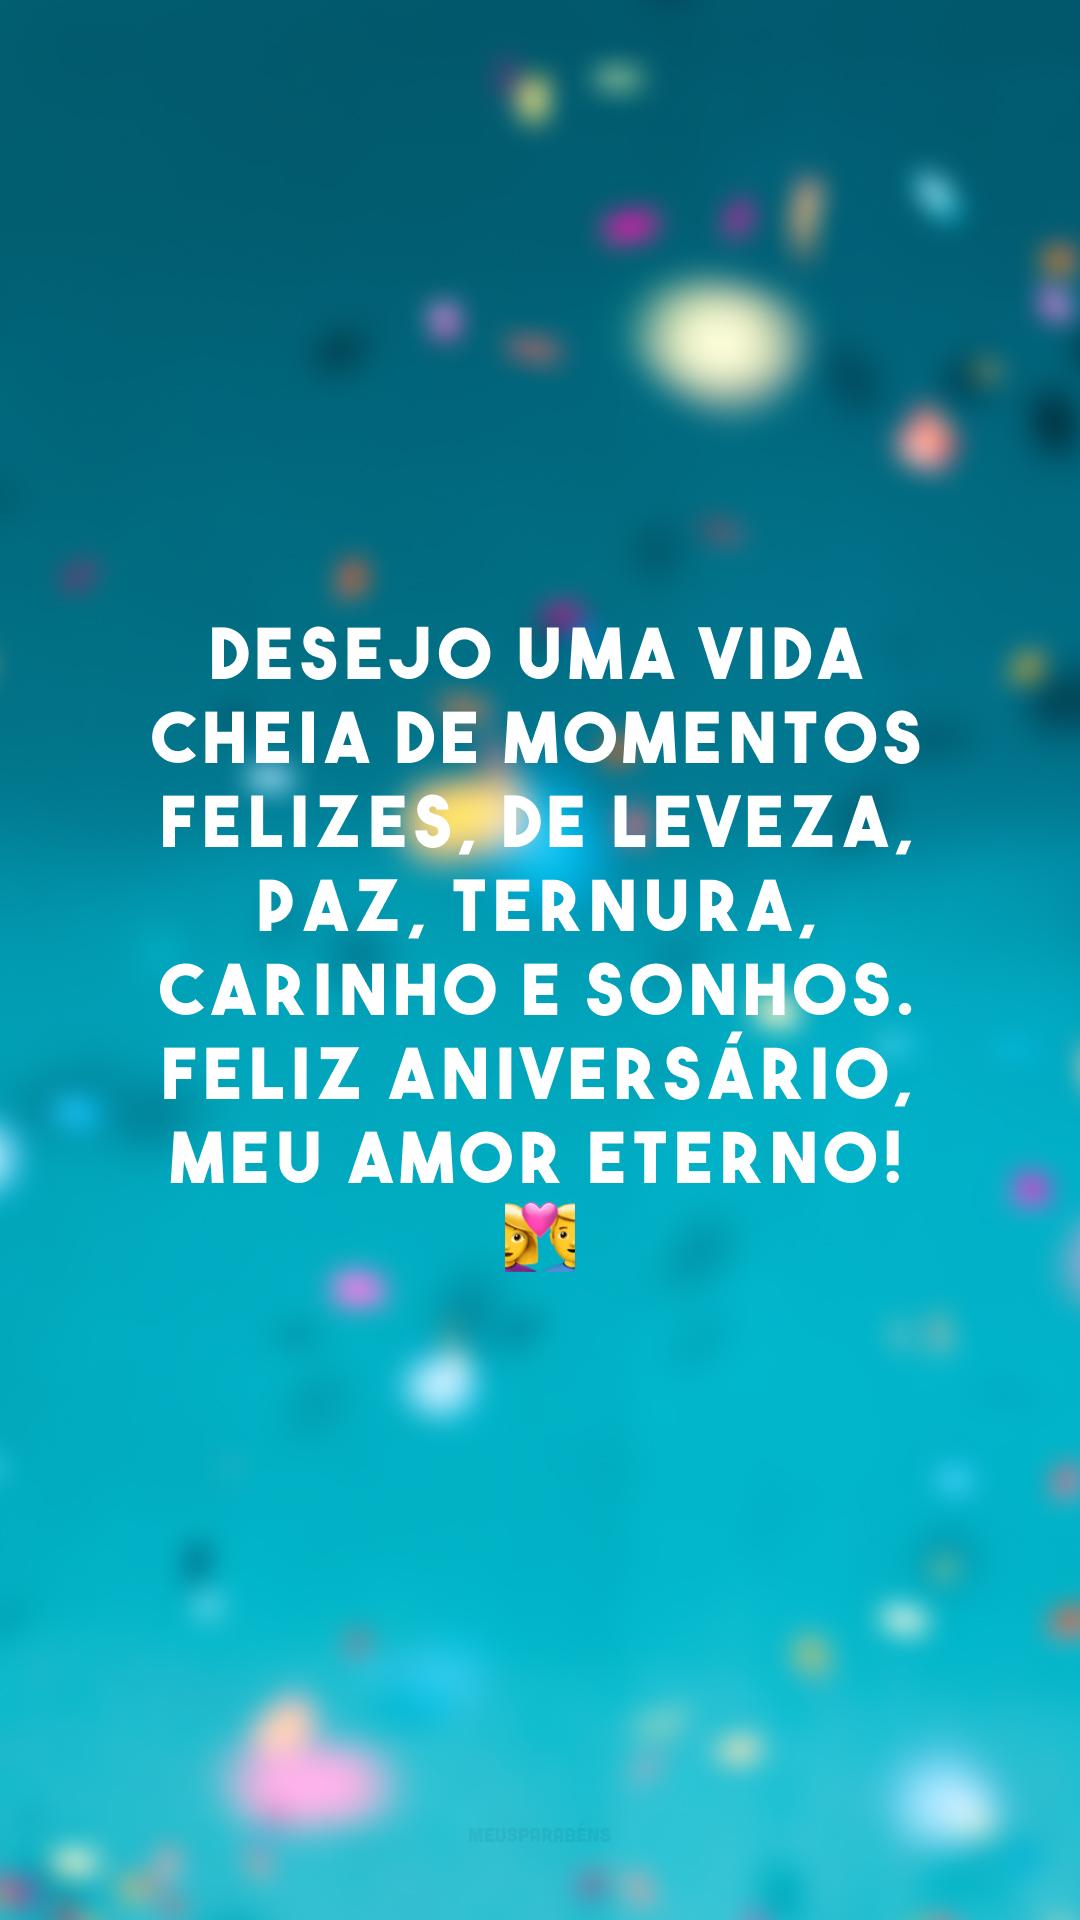 Desejo uma vida cheia de momentos felizes, de leveza, paz, ternura, carinho e sonhos. Feliz aniversário, meu amor eterno! 💑